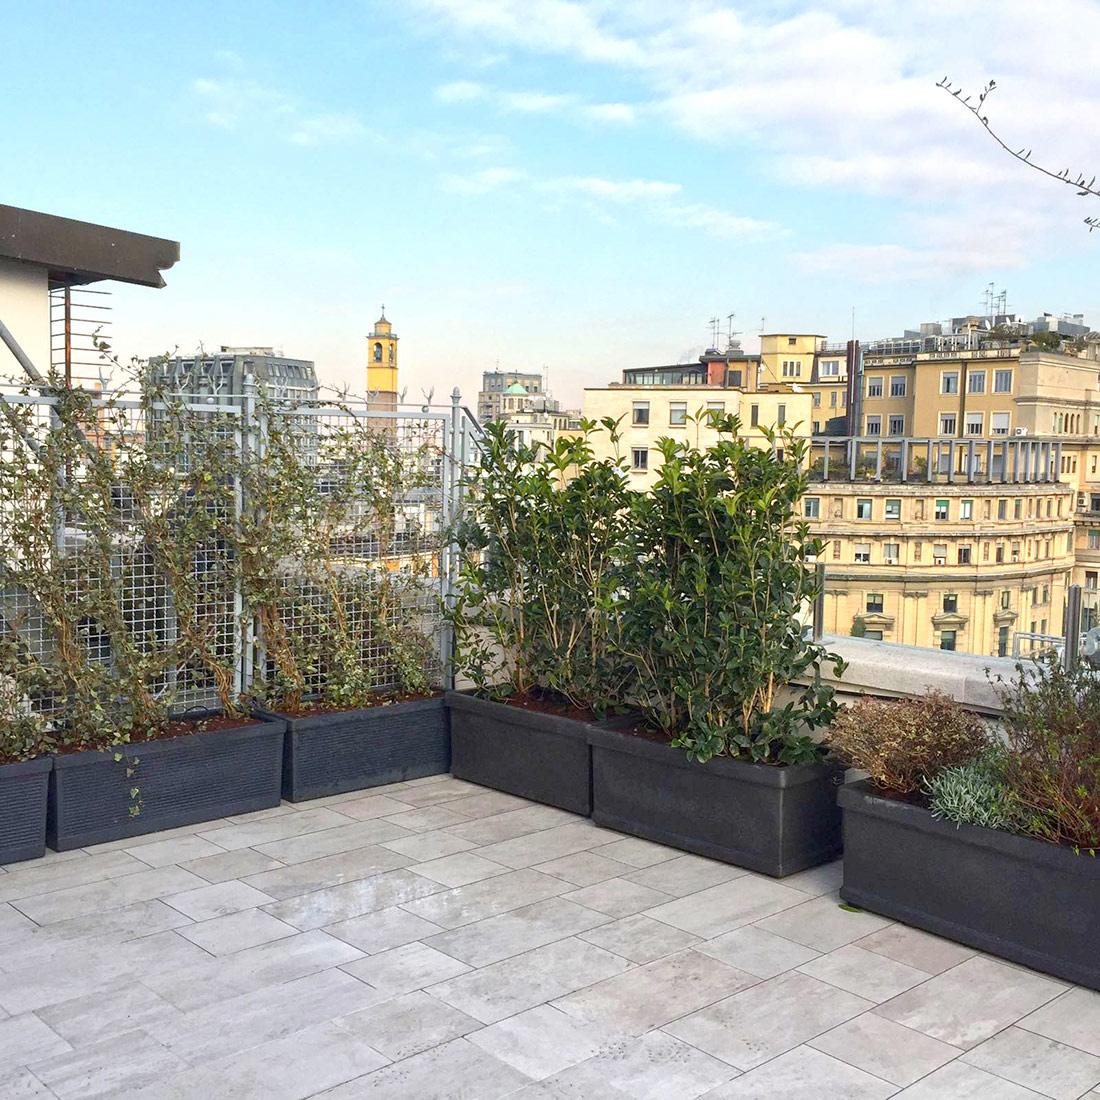 spesso Progetto di giardino pensile per terrazzo a Milano LR85